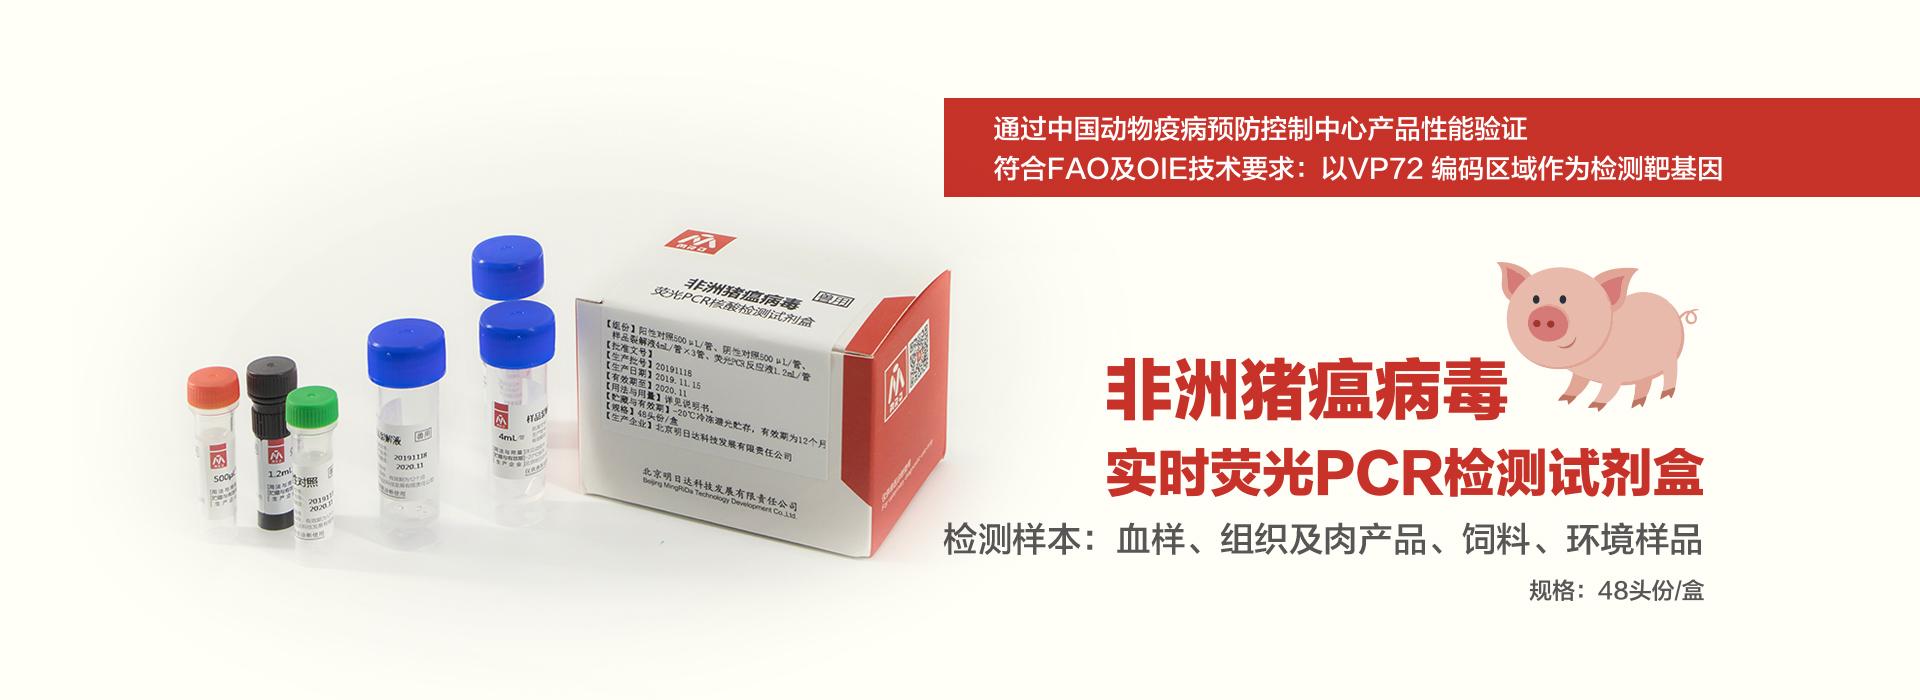 非洲豬瘟病(bing)毒(du)實時熒光pcr檢測試劑盒(he)